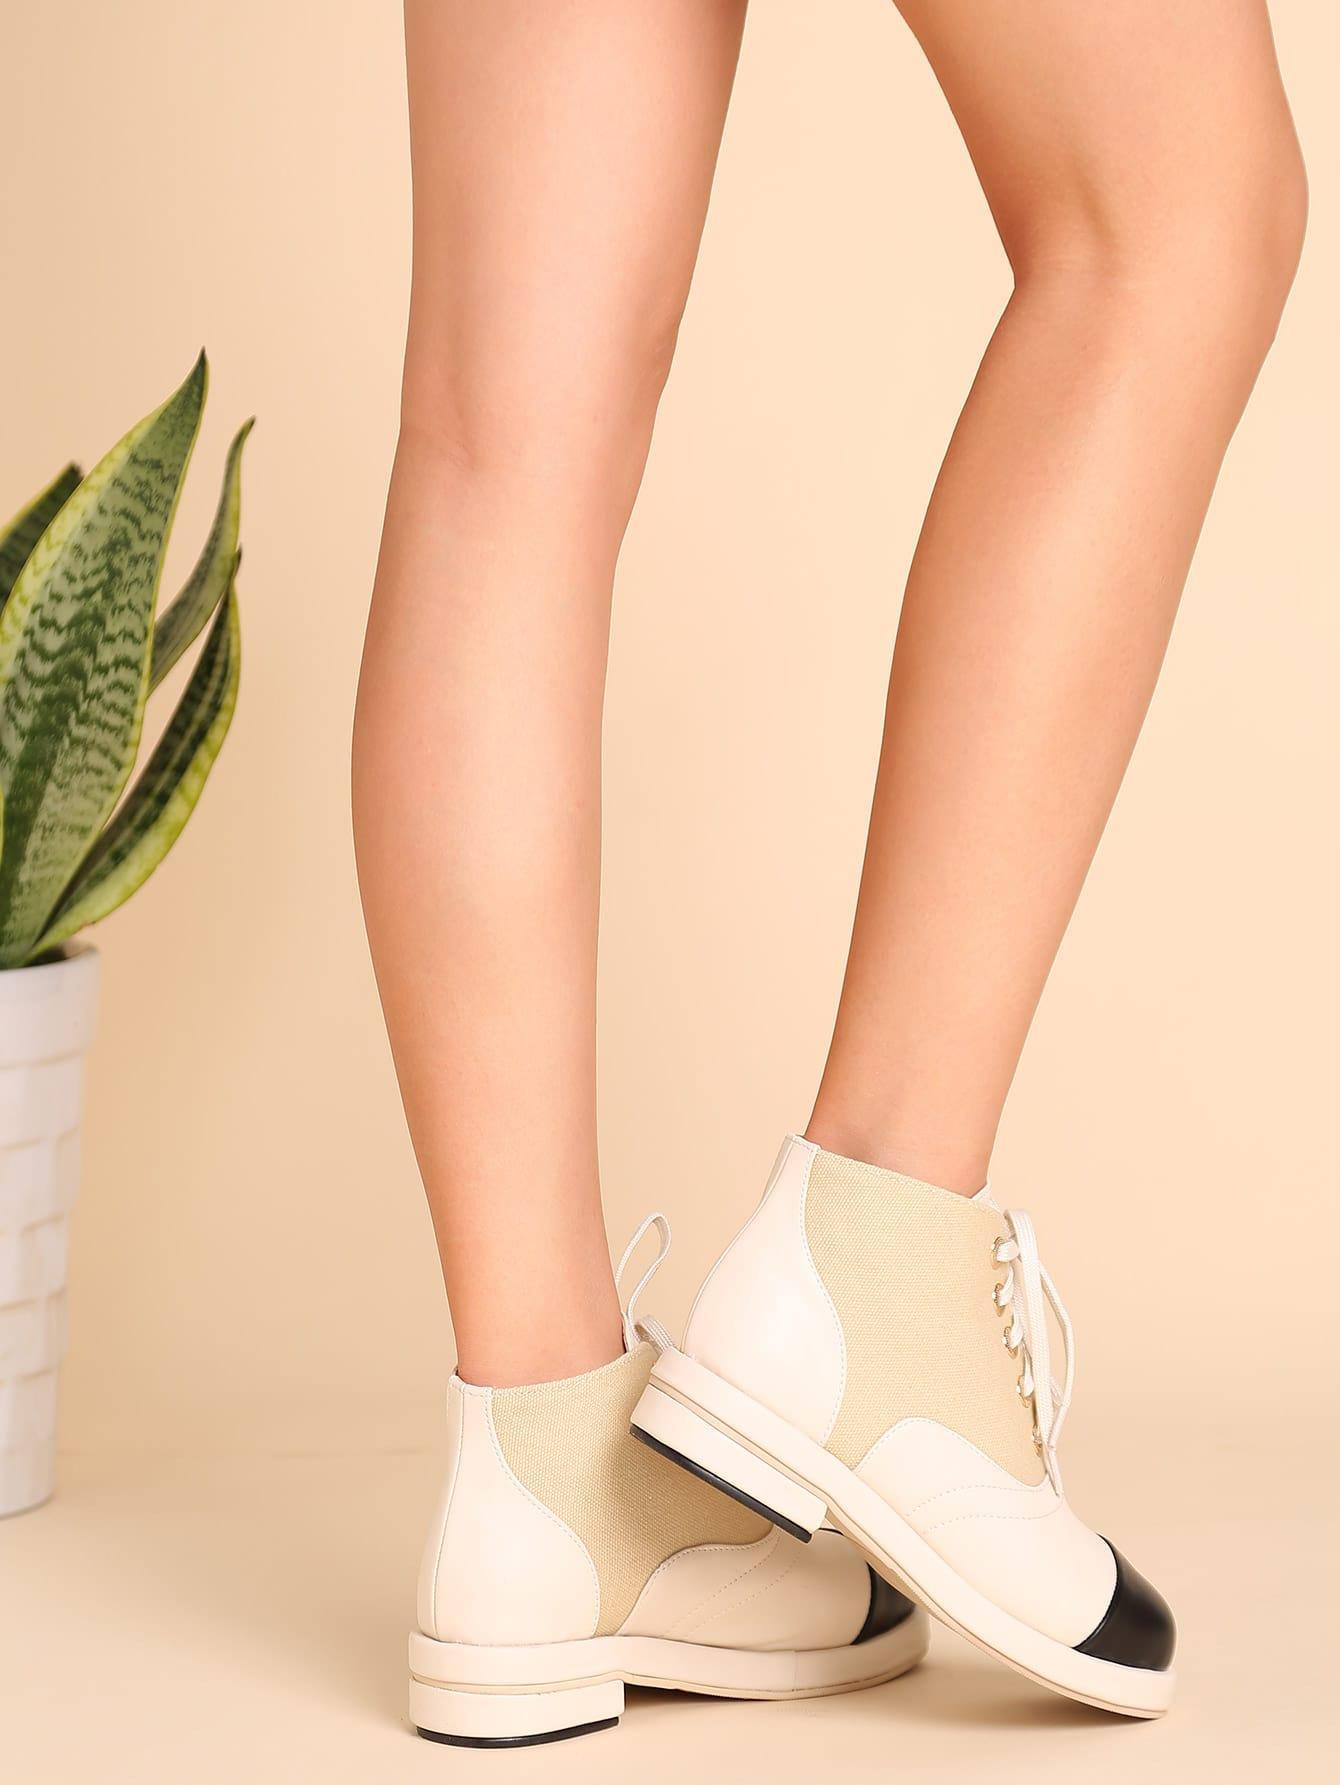 shoes161012808_2